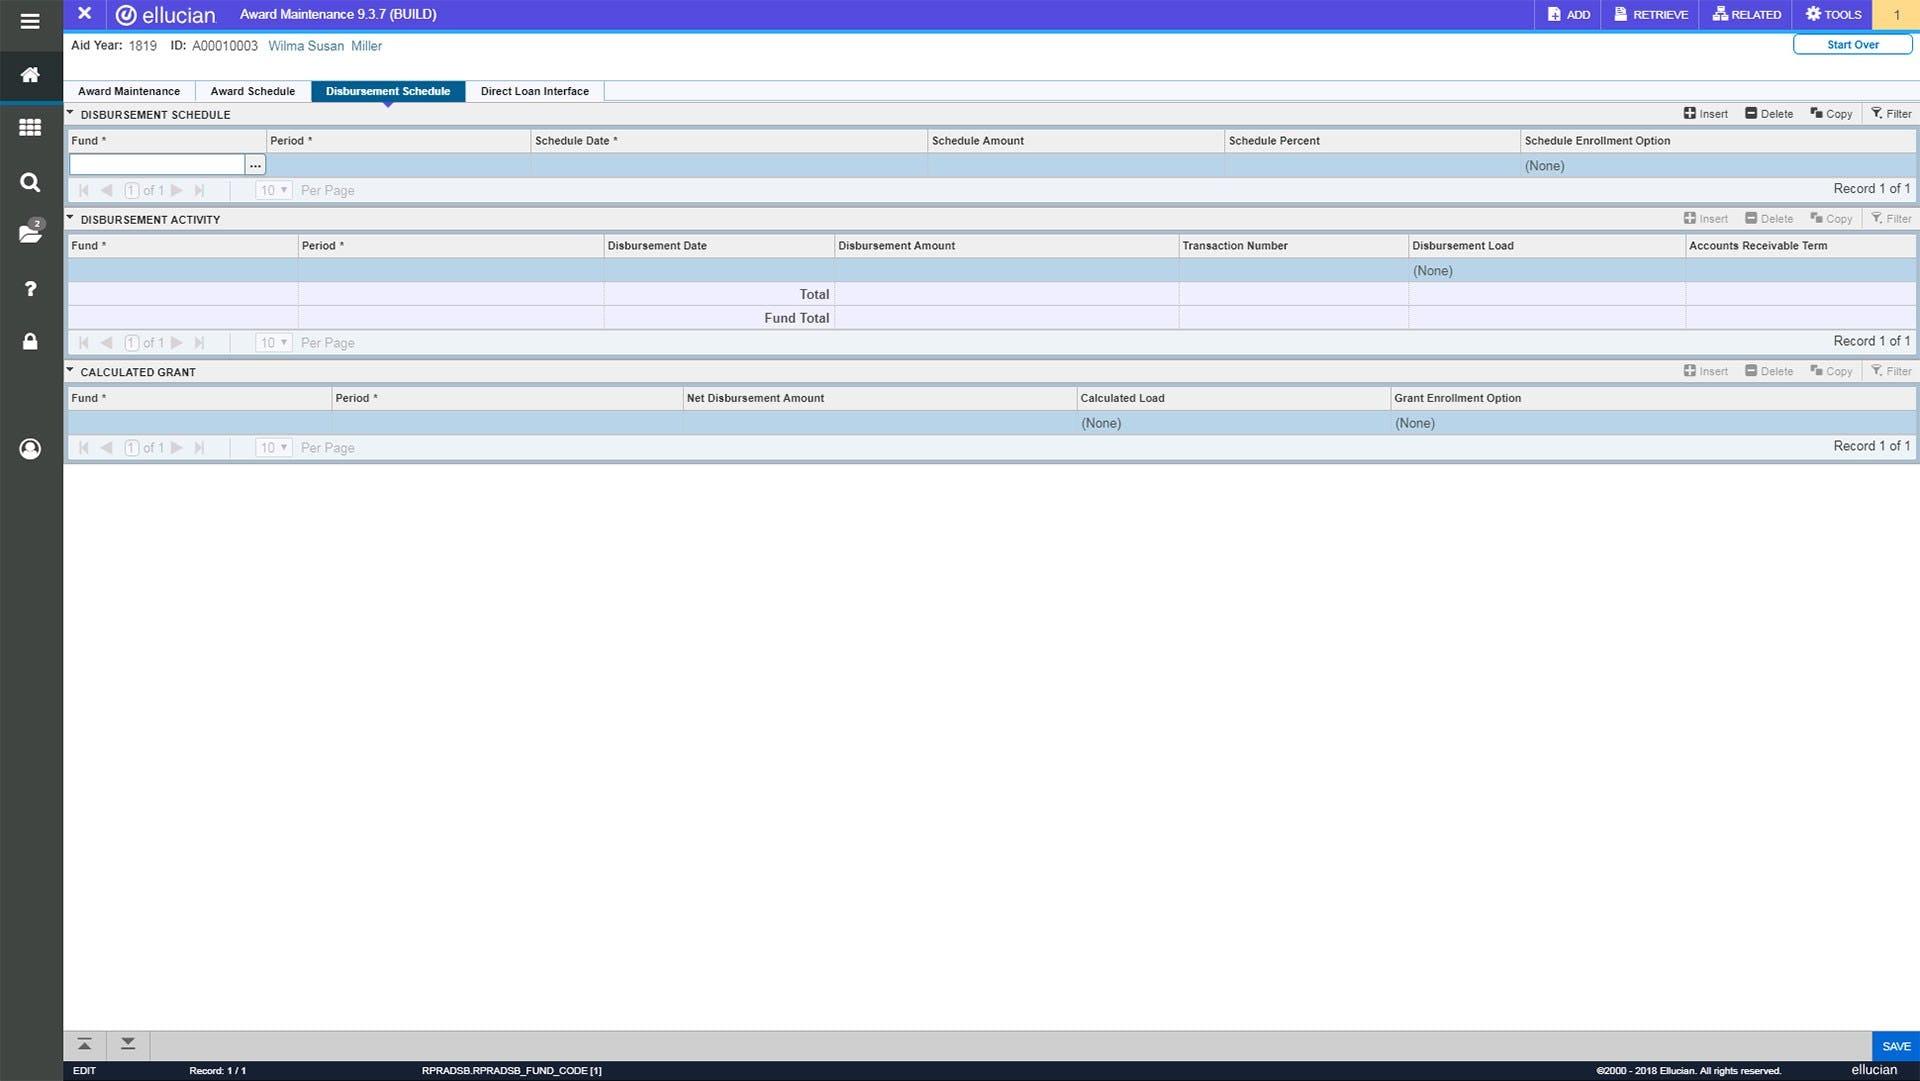 Ellucian Software - Disbursement schedule